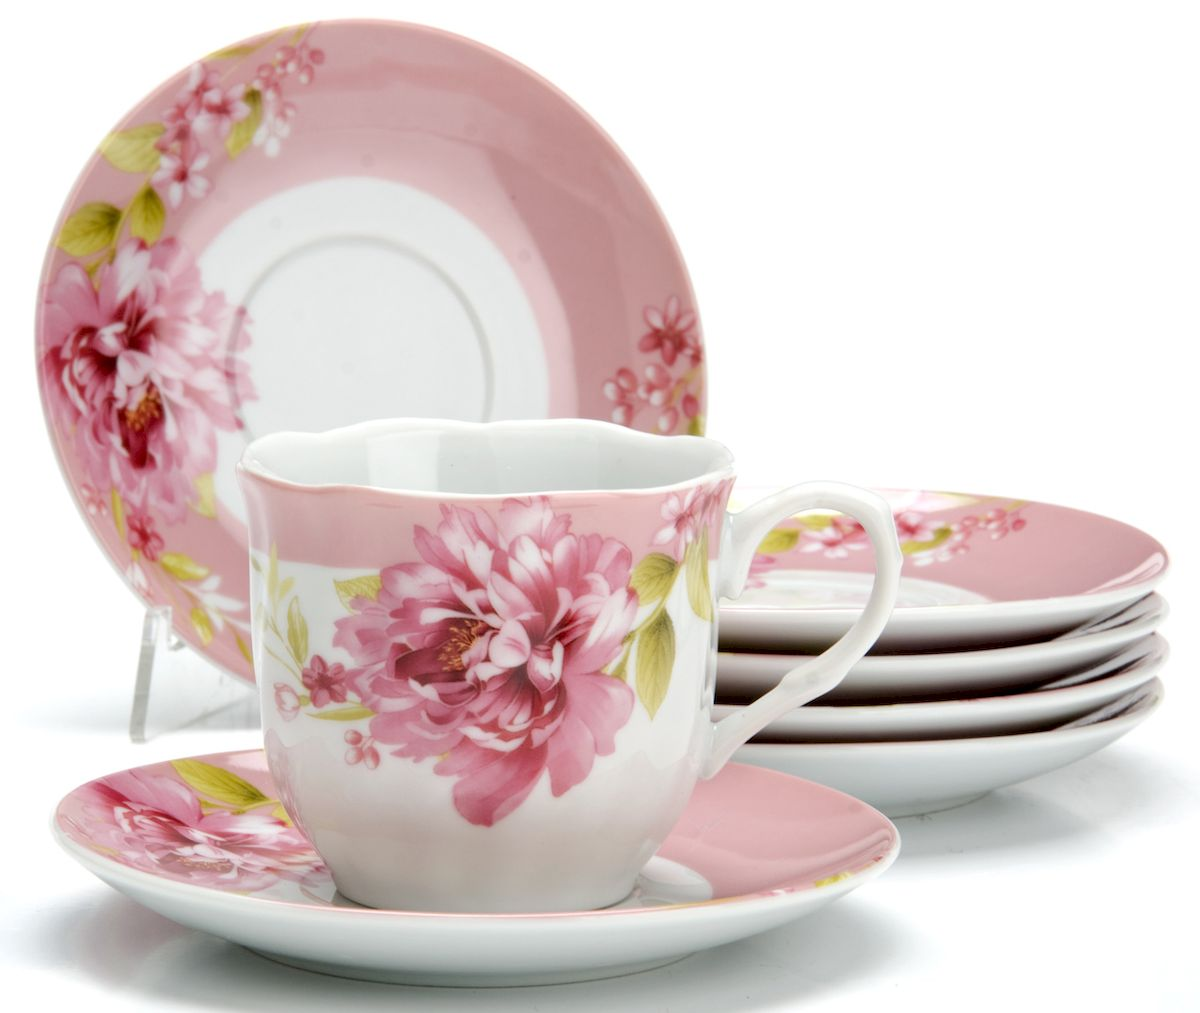 Чайный сервиз Loraine Цветы, 220 мл, 12 предметов. 2591525797Чайный сервиз на 6 персон изготовлен из качественного фарфора и оформлен красивым рисунком. Элегантный и удобный чайный сервиз не только украсит сервировку стола, но и поднимет настроение и превратит процесс чаепития в одно удовольствие. Сервиз состоит из 12 предметов: шести чашек и шести блюдец, упакованных в подарочную коробку. Чашки имеют удобную, изящную ручку. Изделия легко и просто мыть.Диаметр чашки: 8 см. Высота чашки: 7,5 см. Объем чашки: 220 мл. Диаметр блюдца: 14 см.